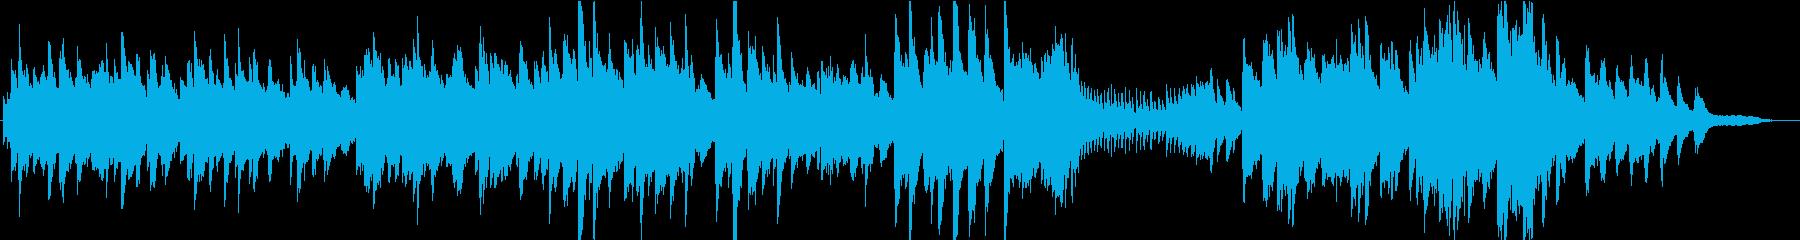 ピアノソロ・優雅な・温かい・CMの再生済みの波形